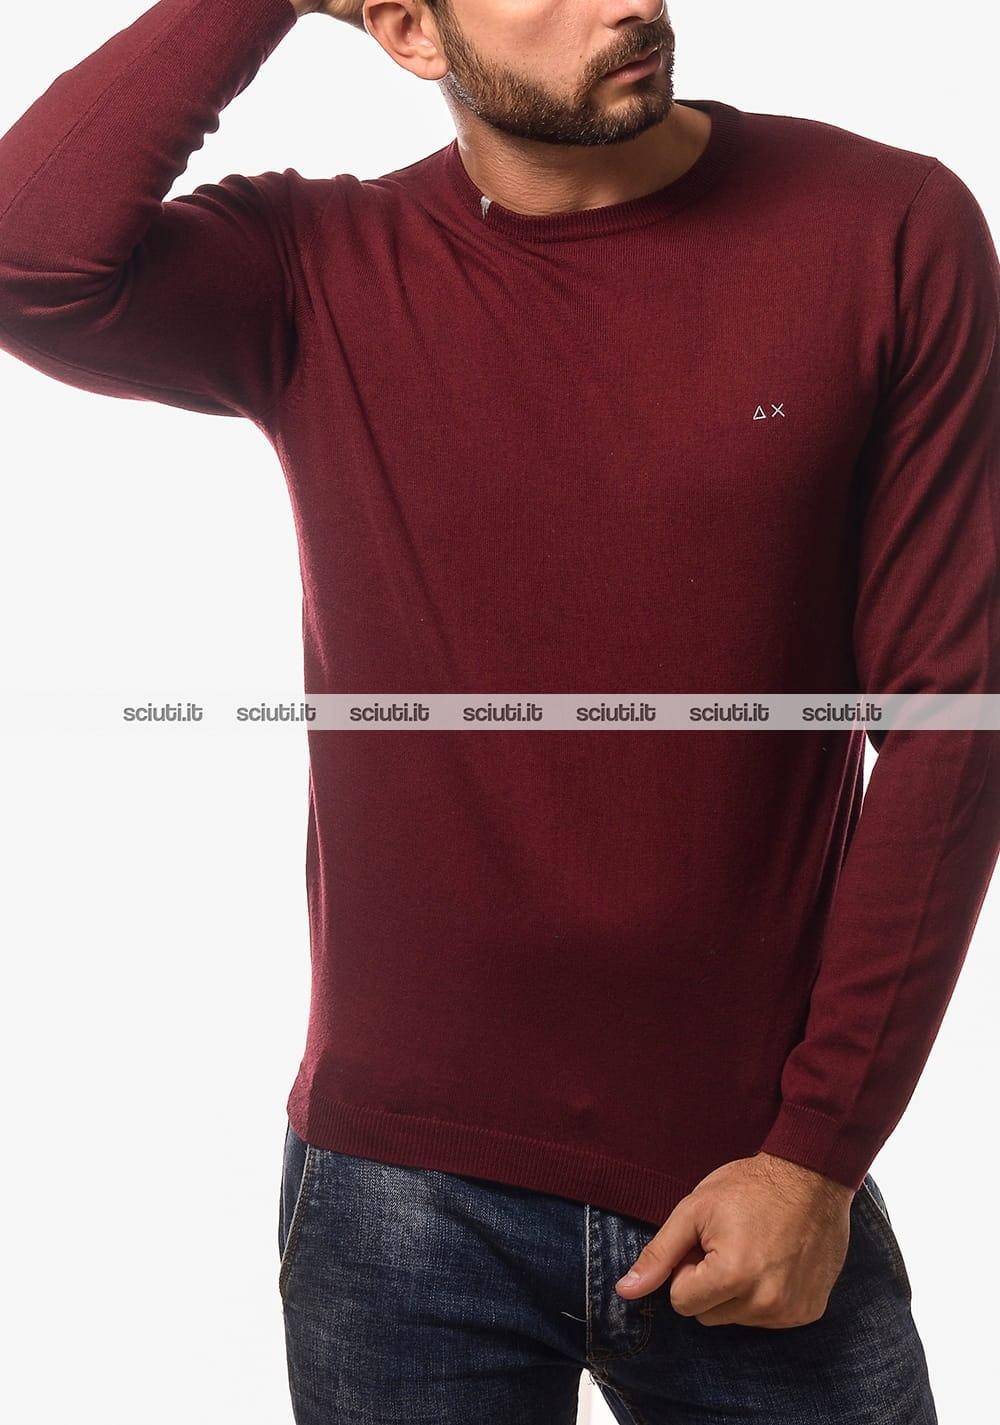 Maglia girocollo Fred Perry uomo marrone | Sciuti.it